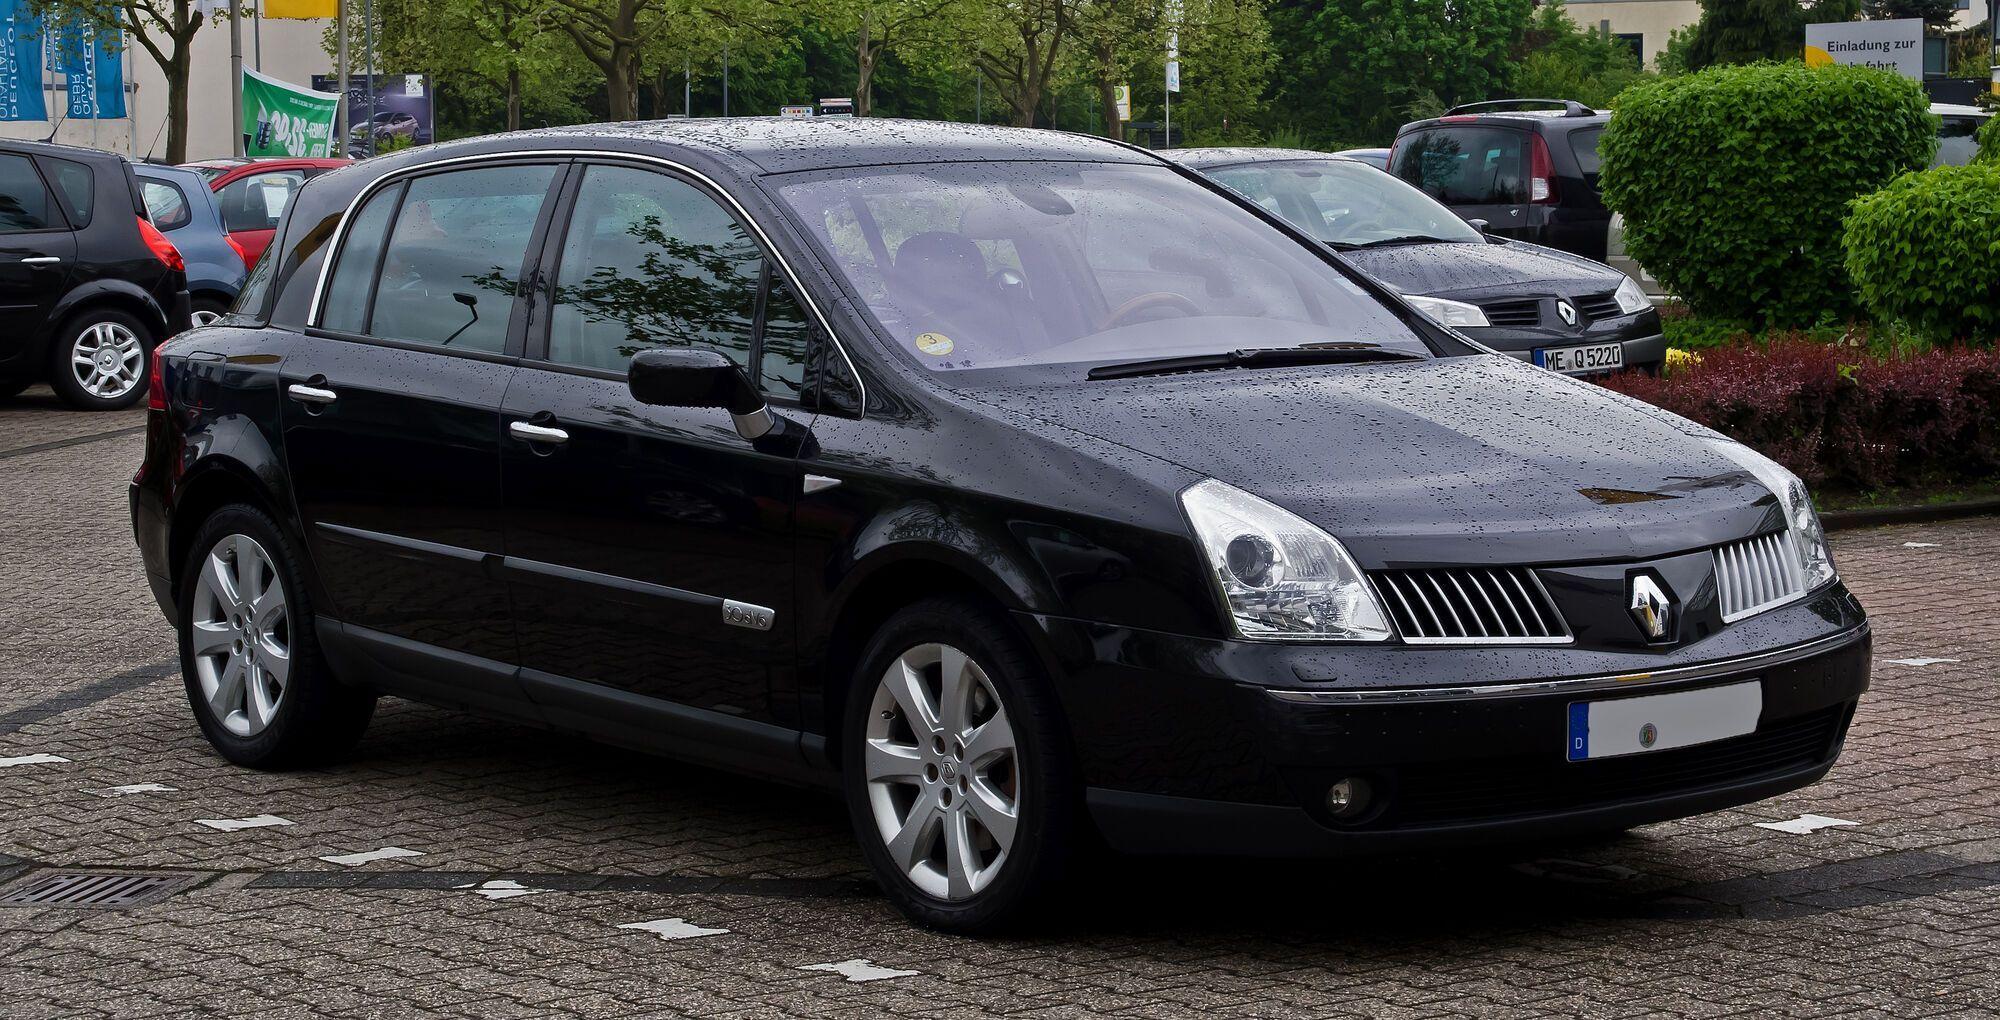 Брутальний зовнішній вигляд Renault Vel Satis